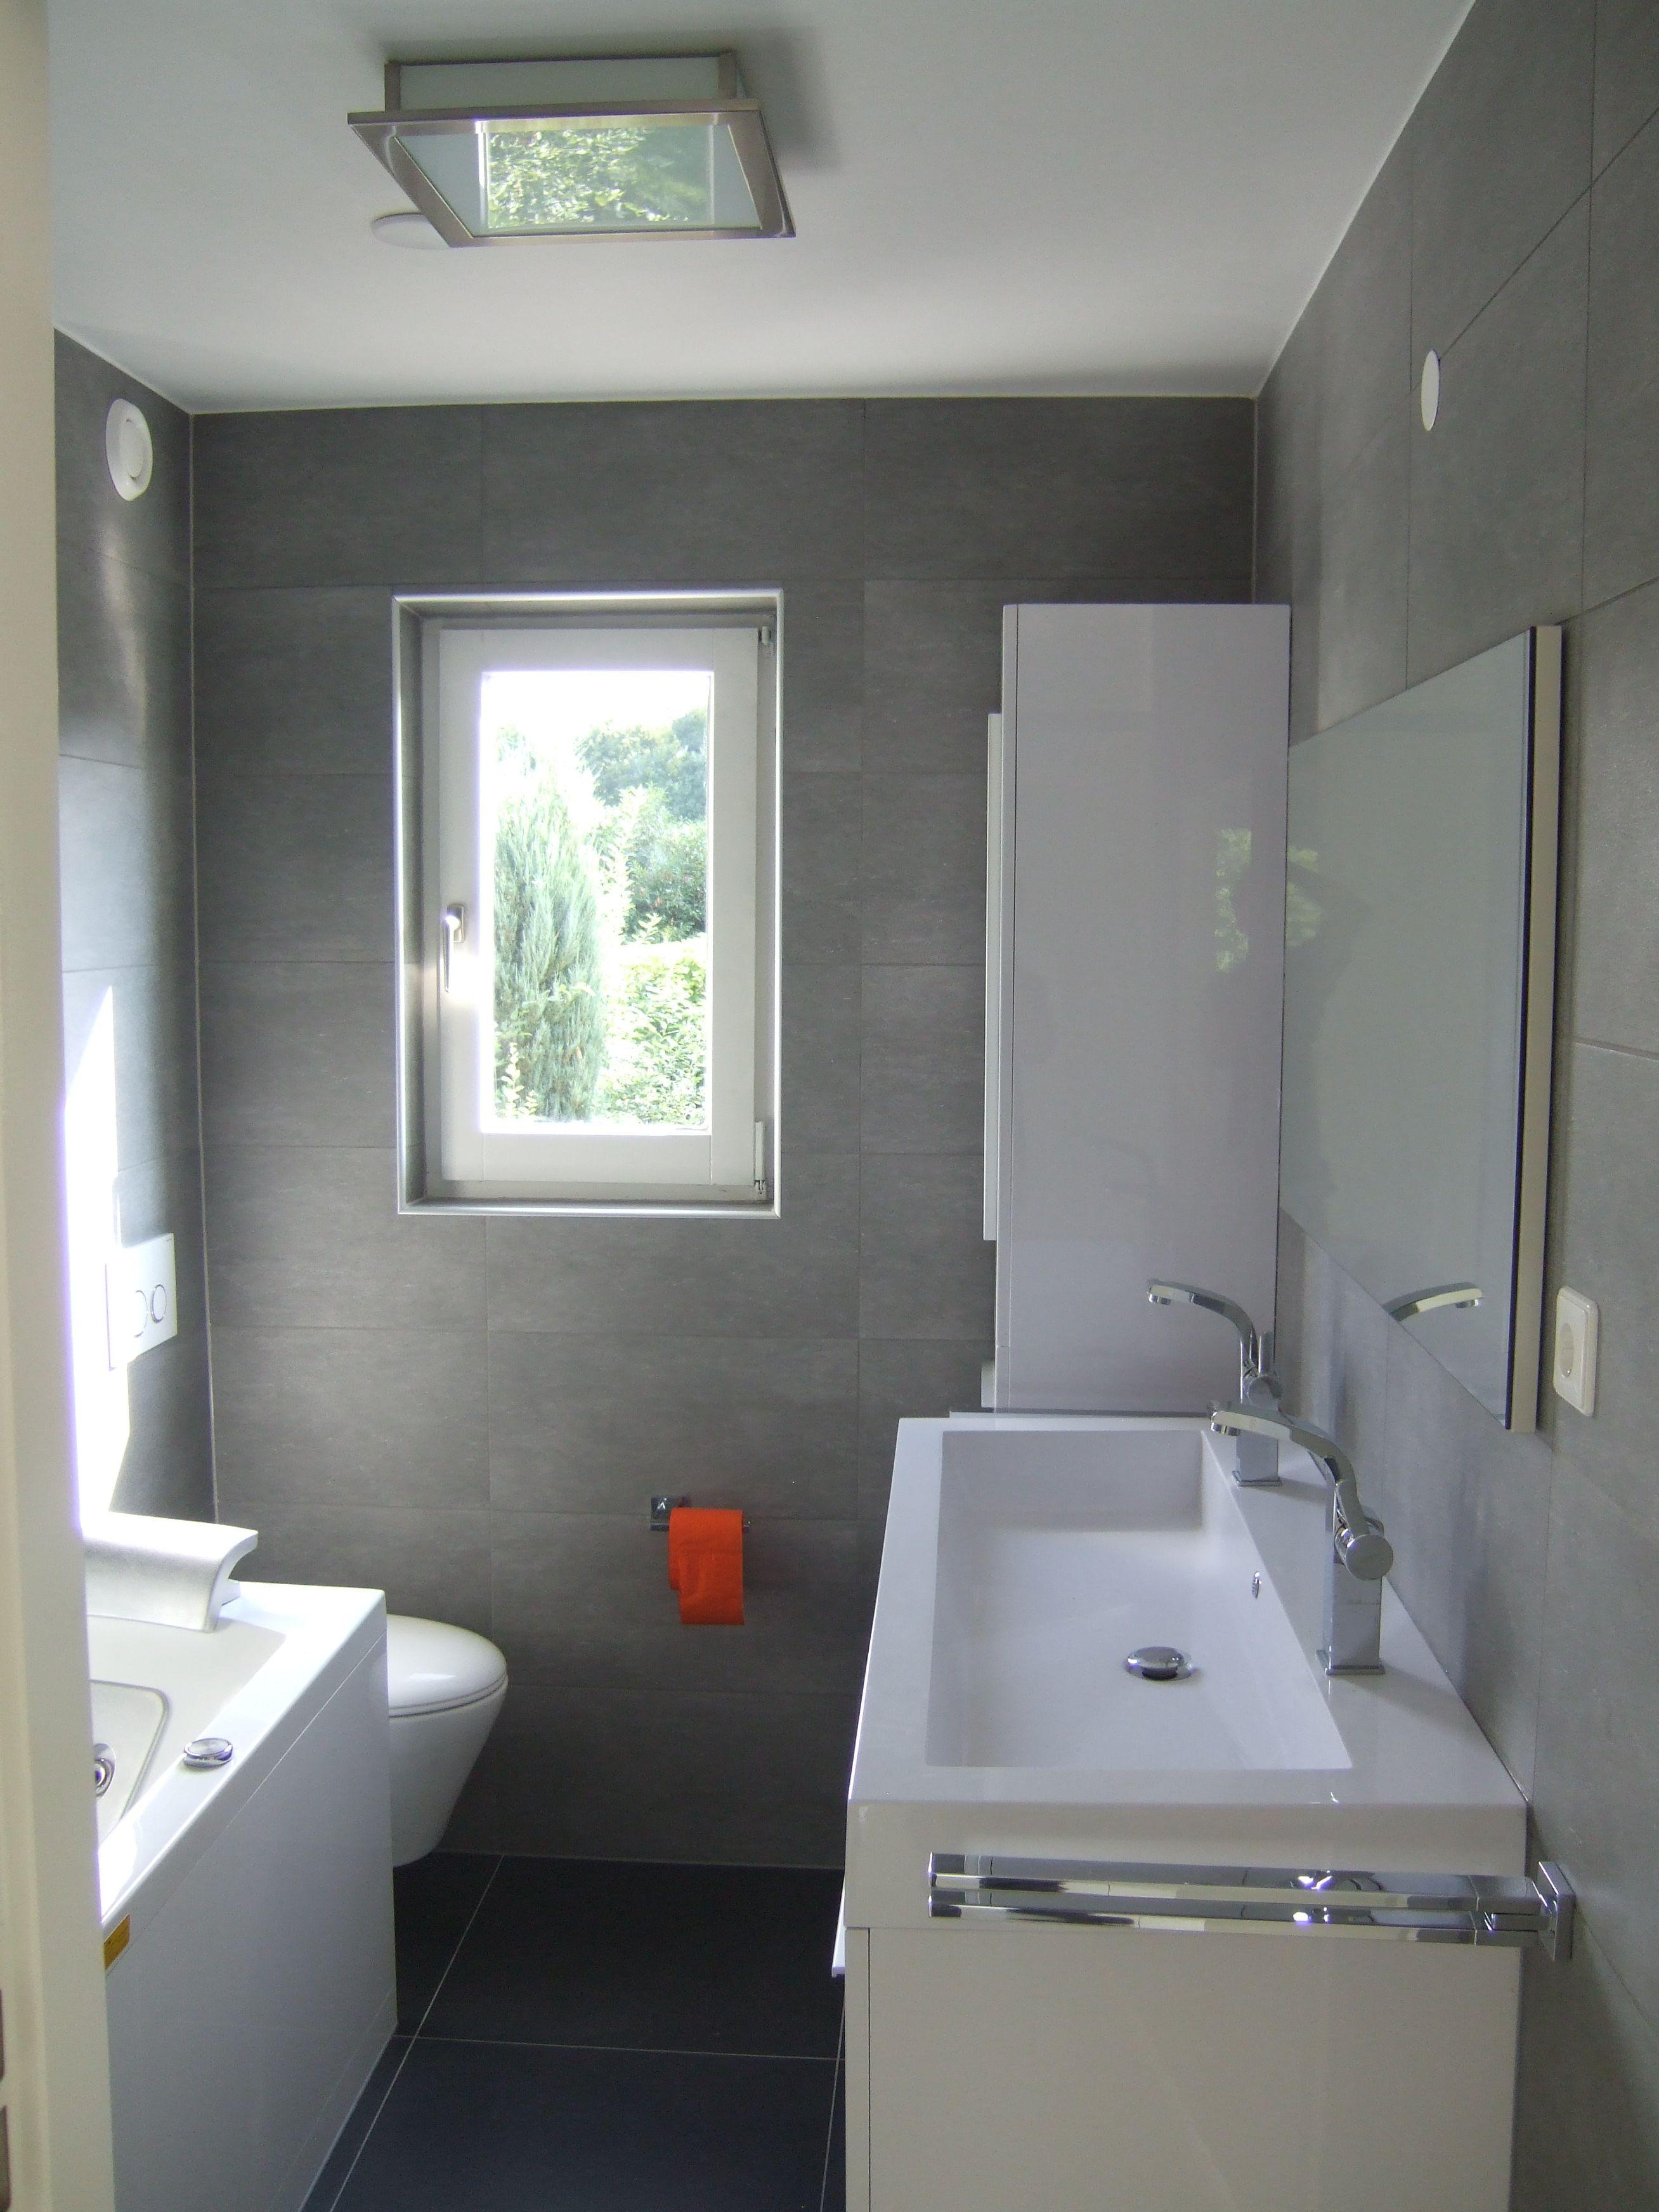 Bad voor badkamer - Muur wc ...